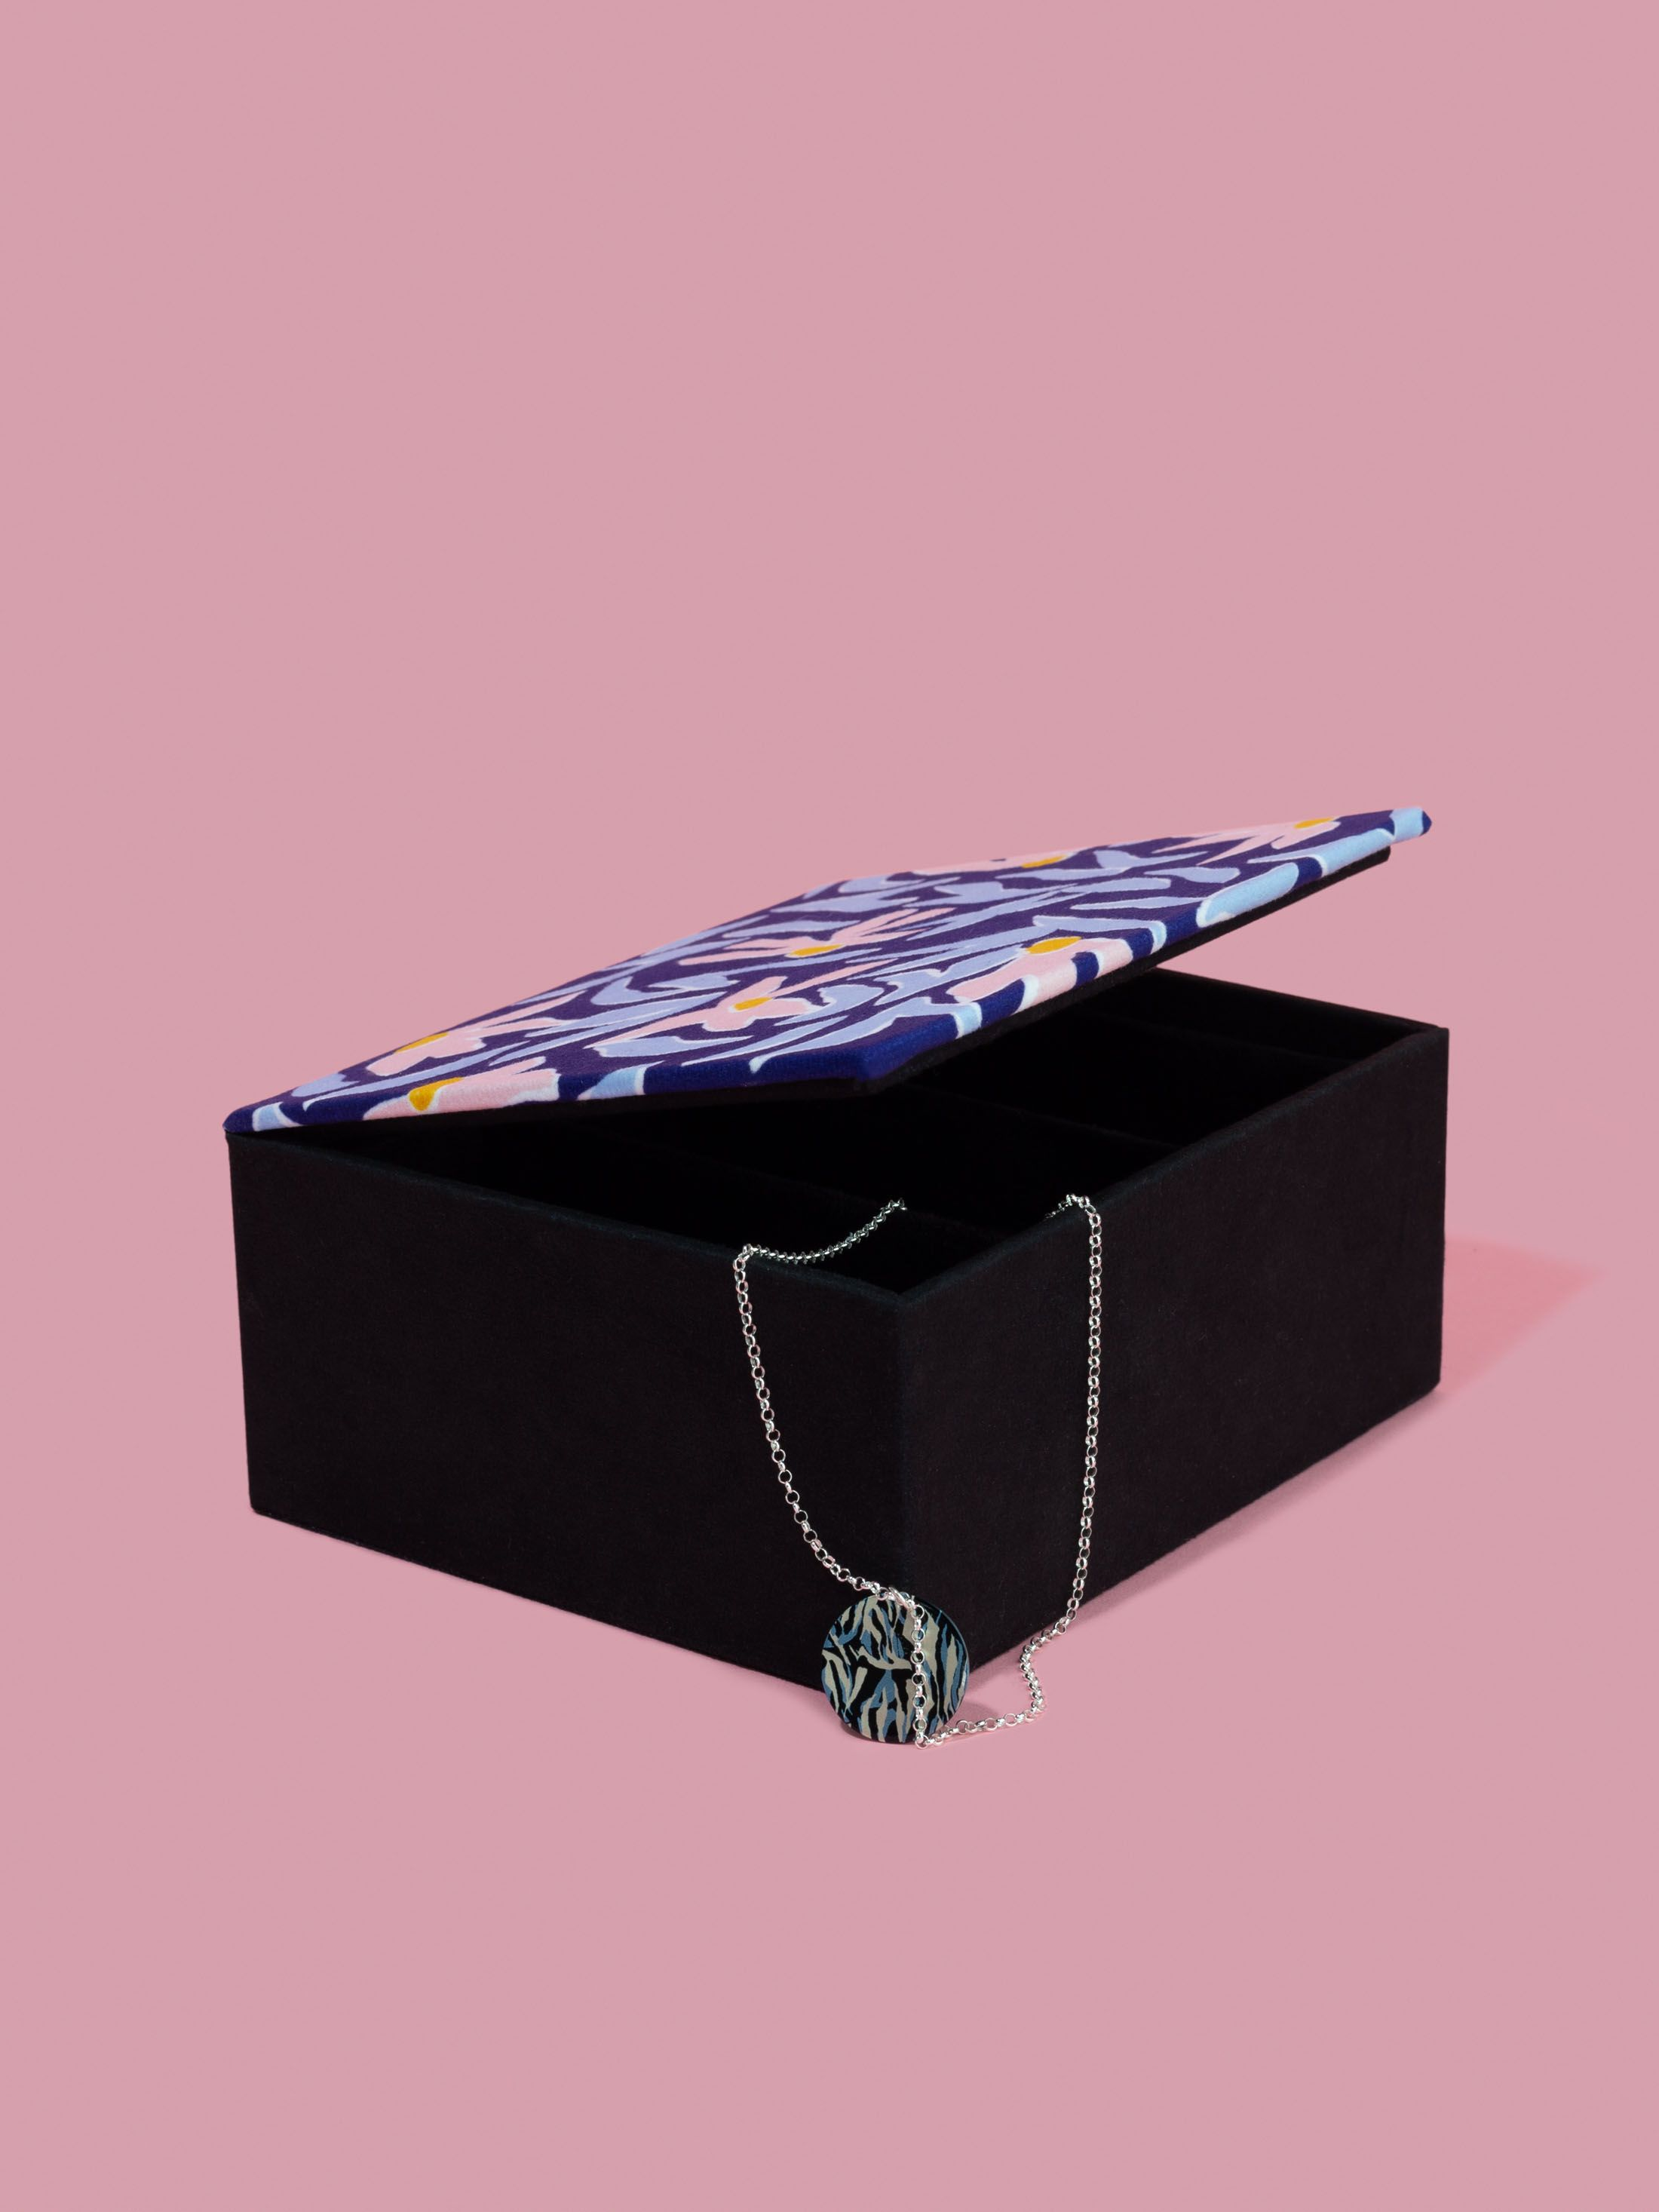 宝石や指輪収納 オリジナル カスタムジュエリーボックス